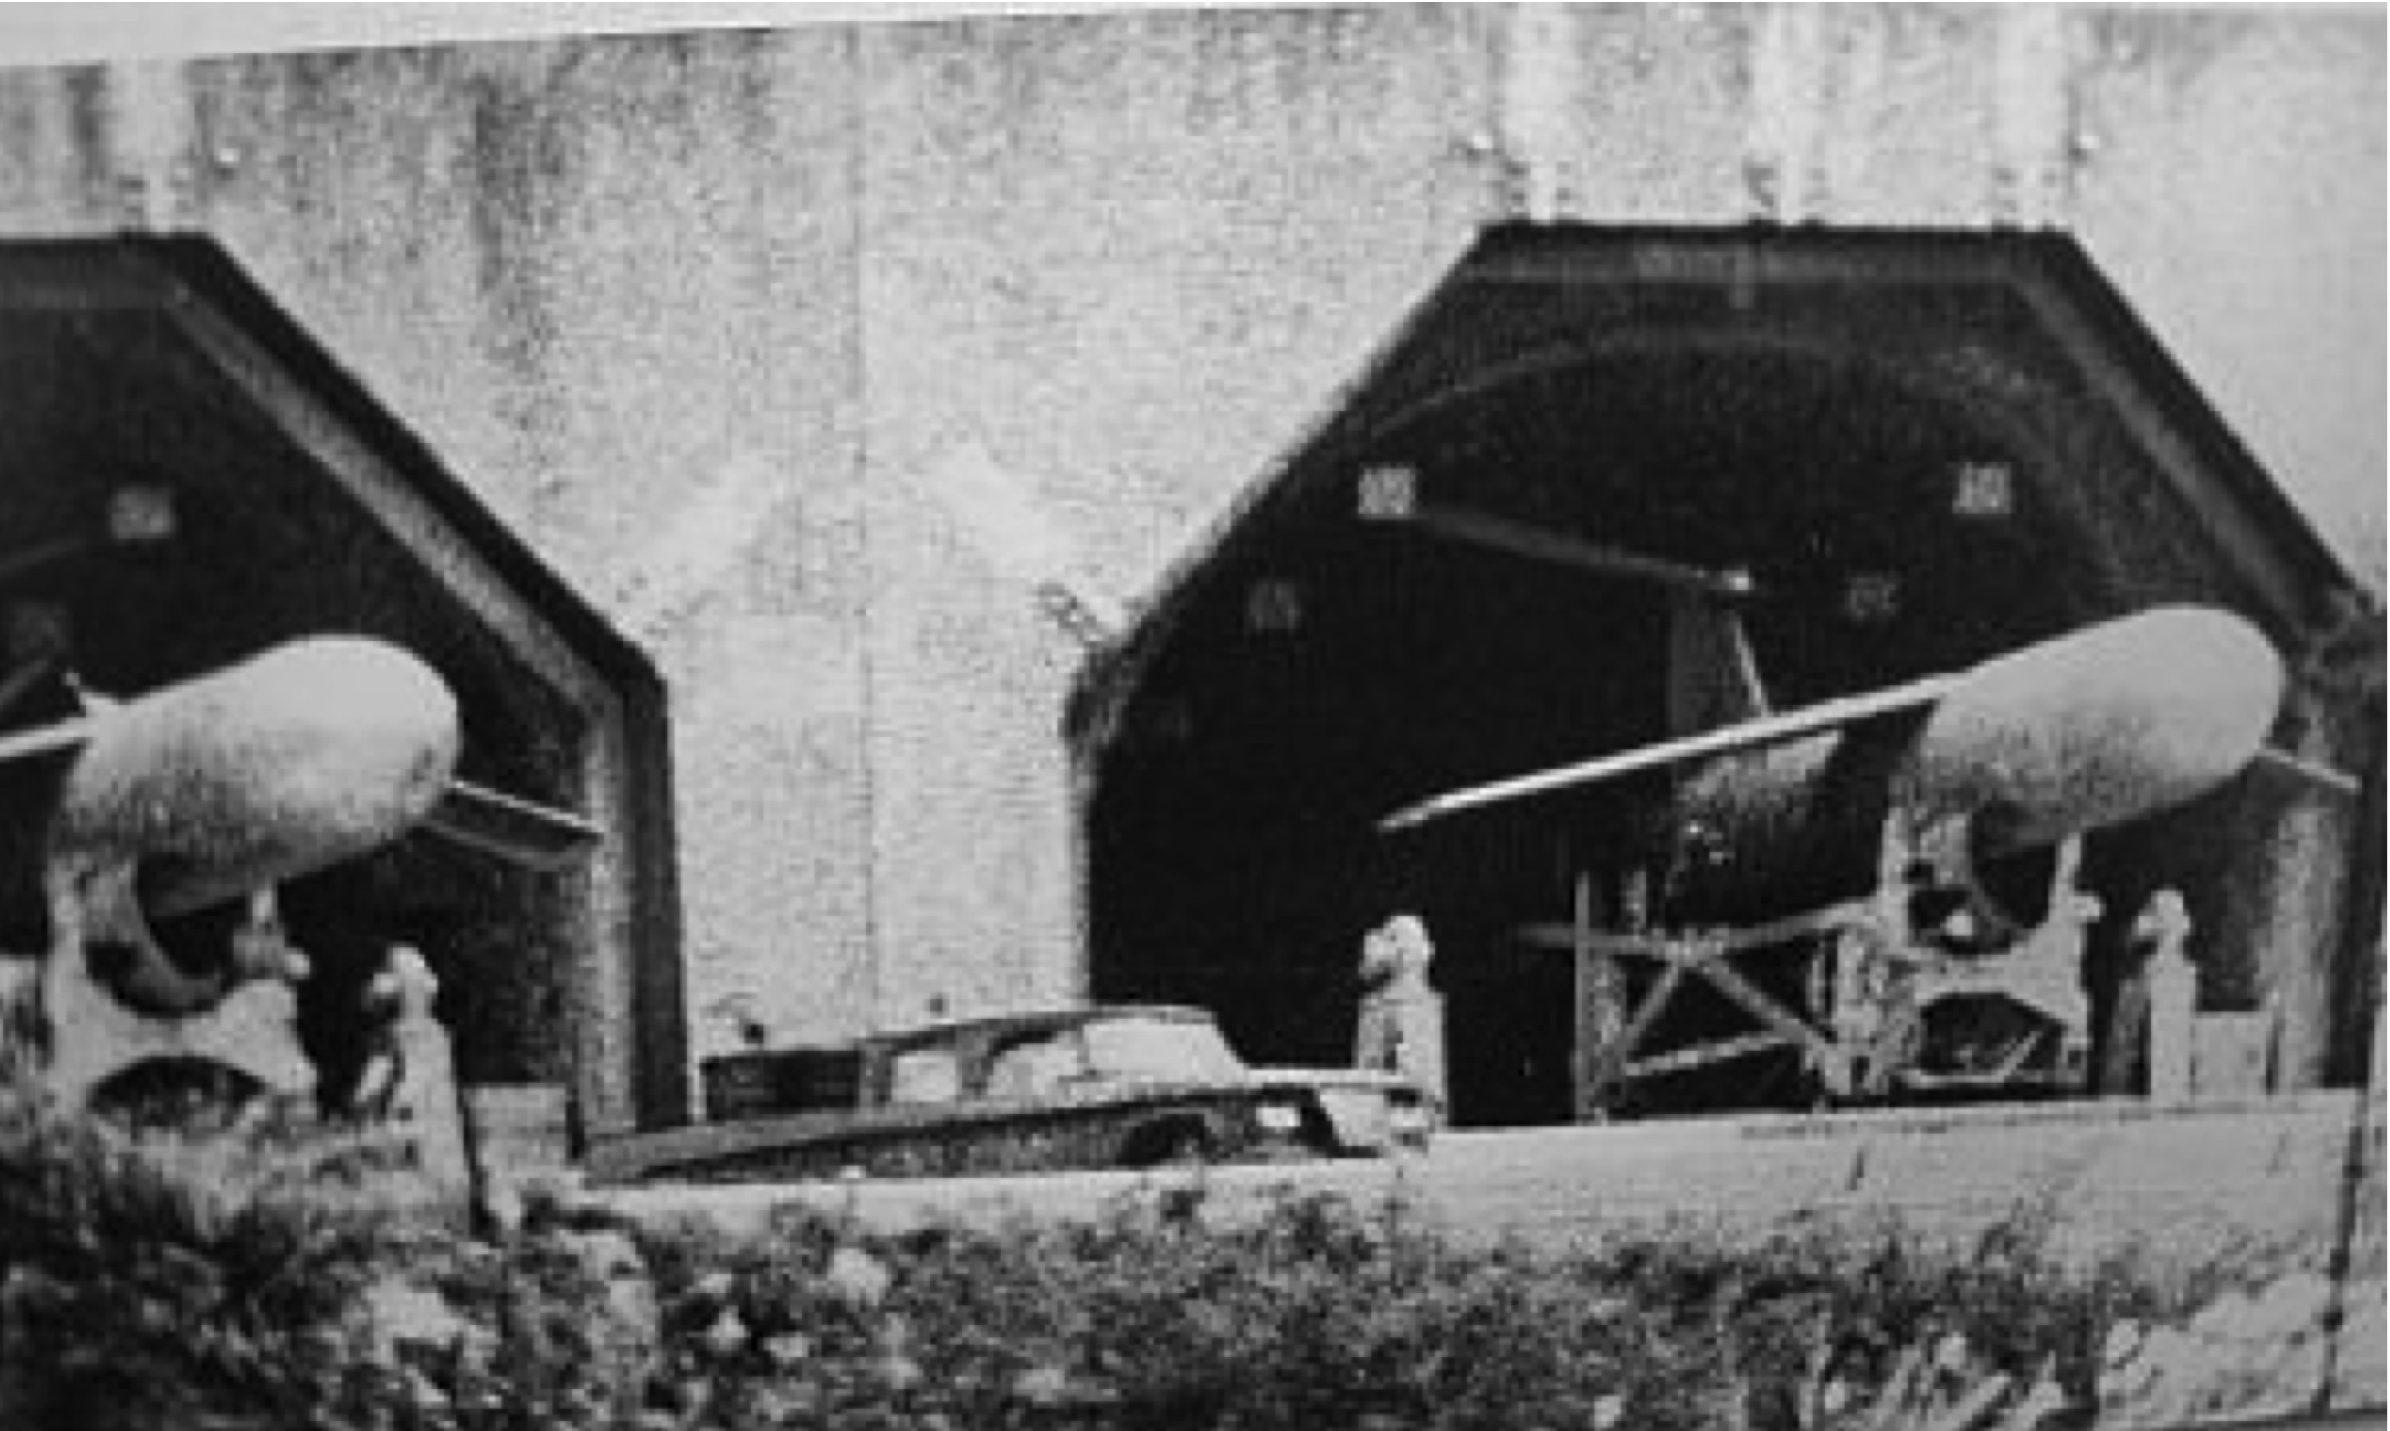 16.沖縄に配備されていた核ミサイル。1960年代には最大で1300発もの核ミサイルが貯蔵されるなど、沖縄は世界最大級の核拠点となっていた